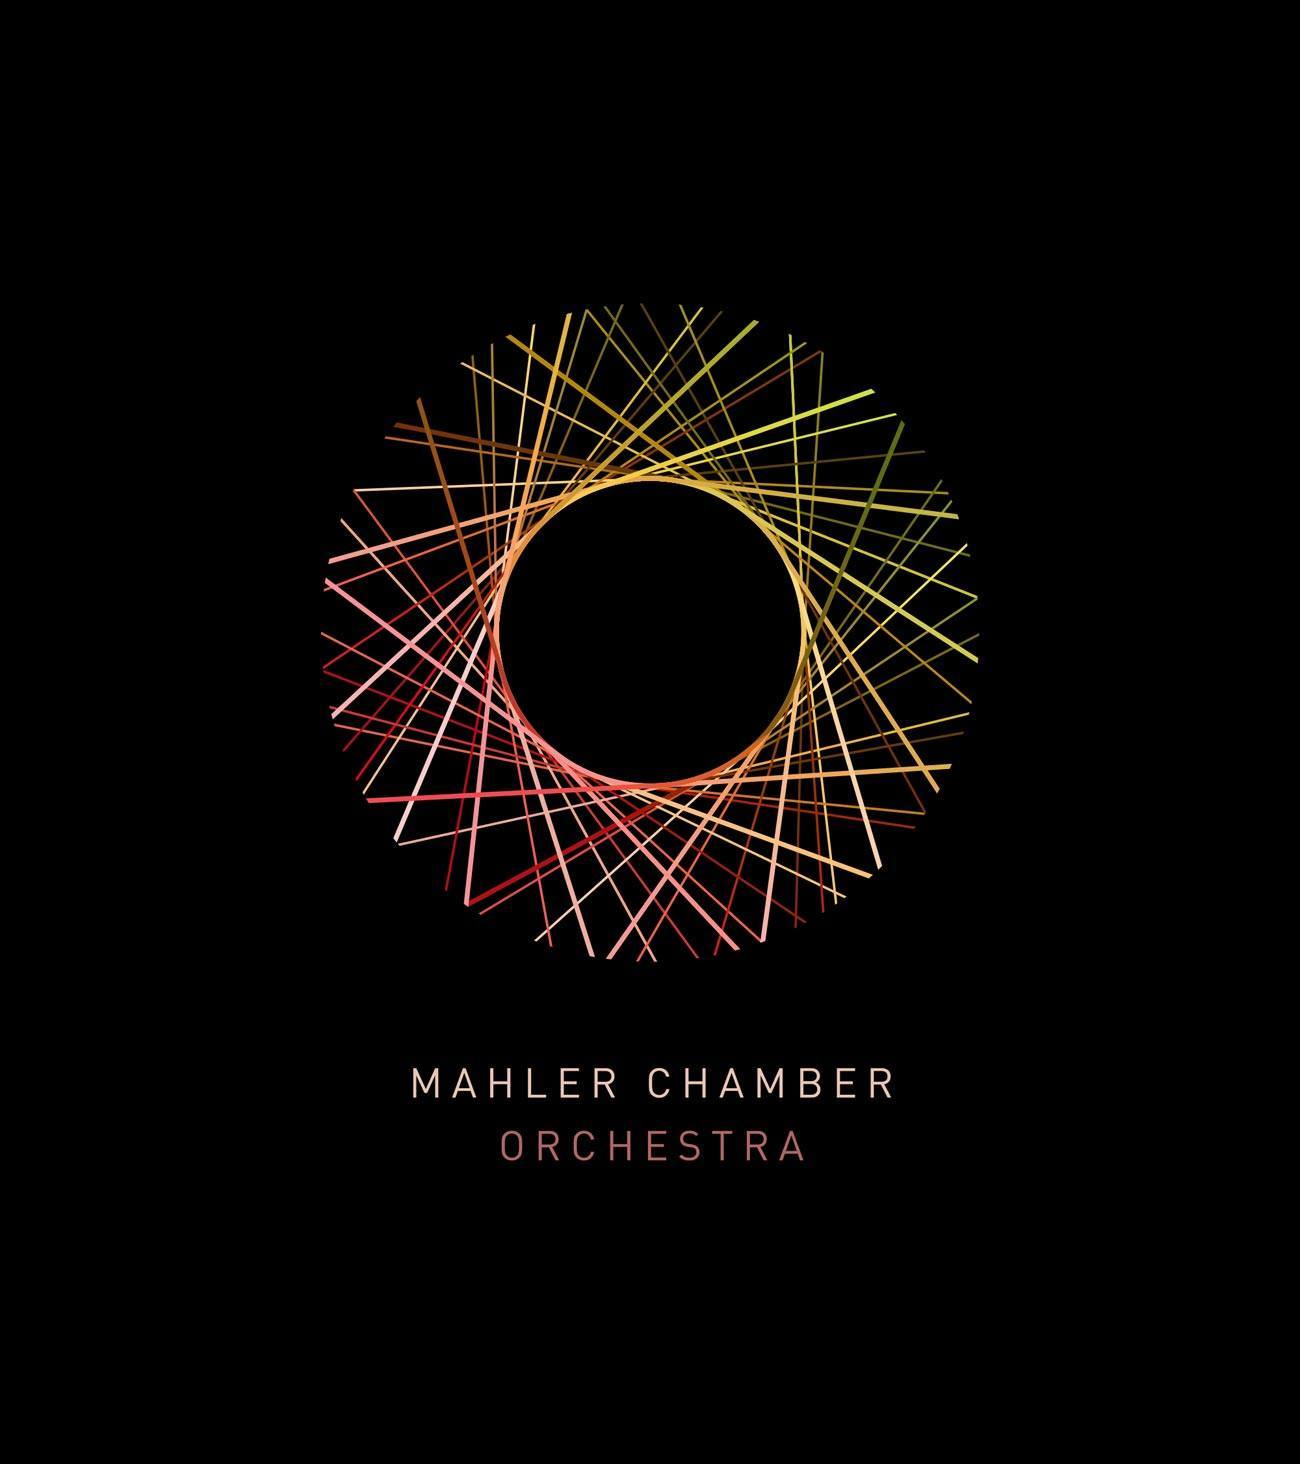 KR_150825_mahler_orchestra